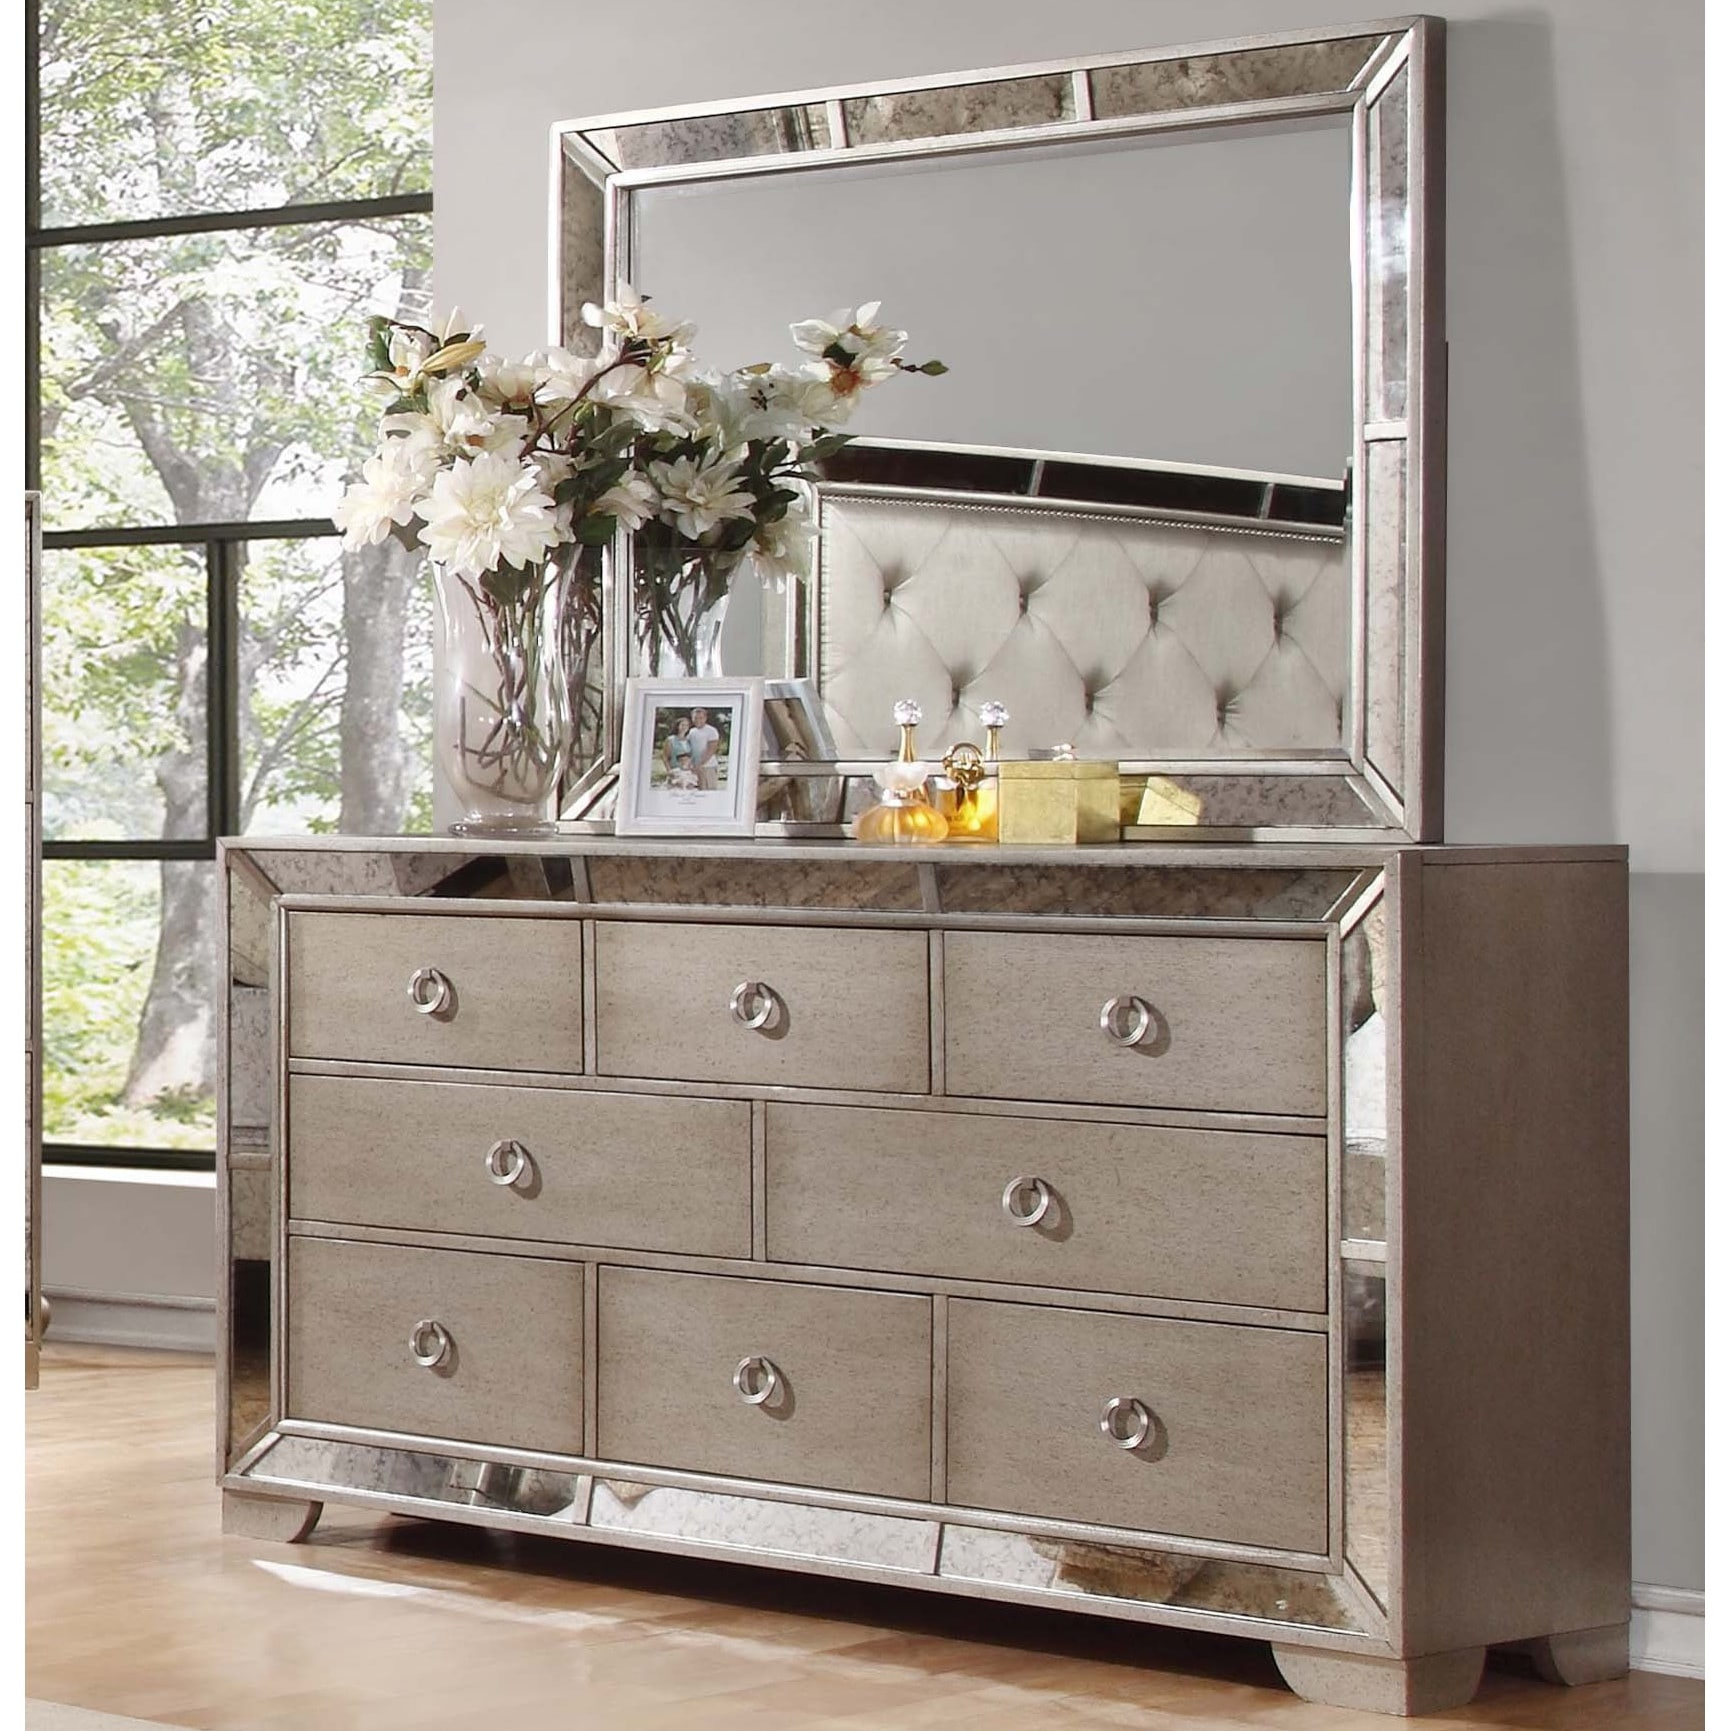 Best Master Furniture Silver Bronze Dresser And Mirror